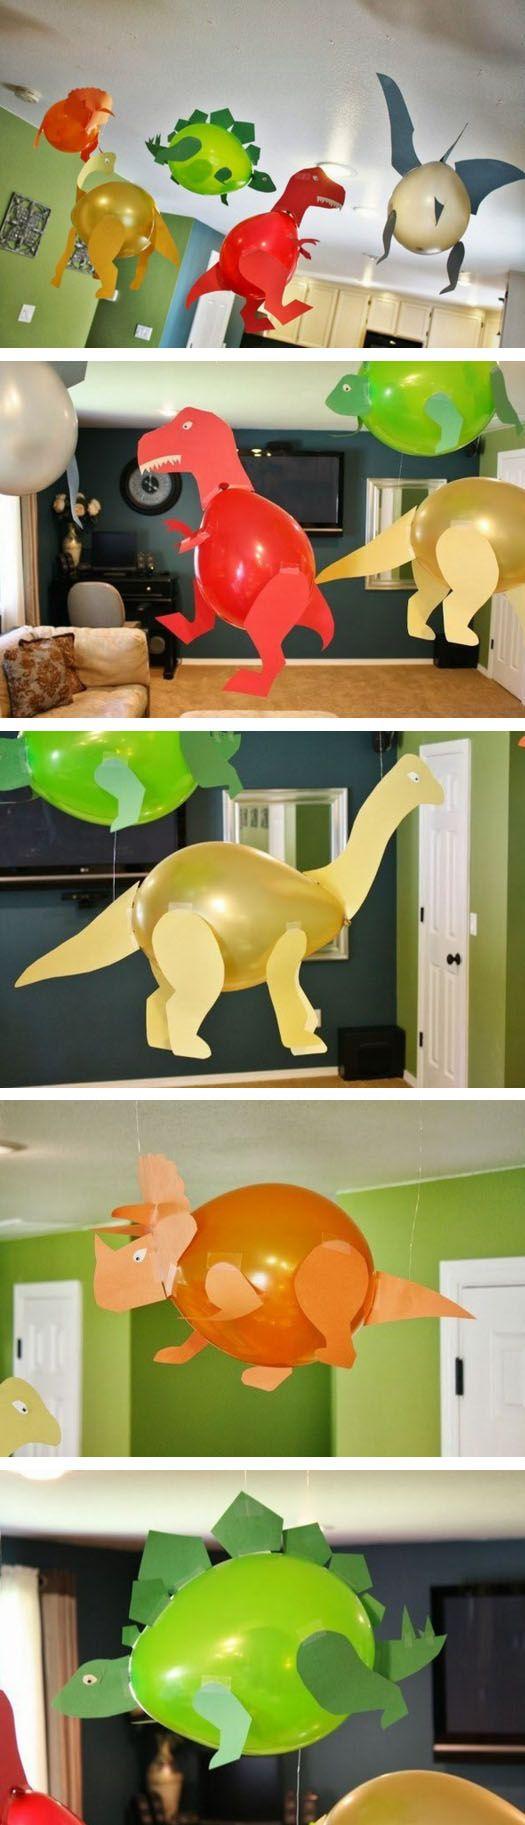 Afocal Bretagne. Une super idée pour décorer votre salle lors d'une animation sur les dinosaures !